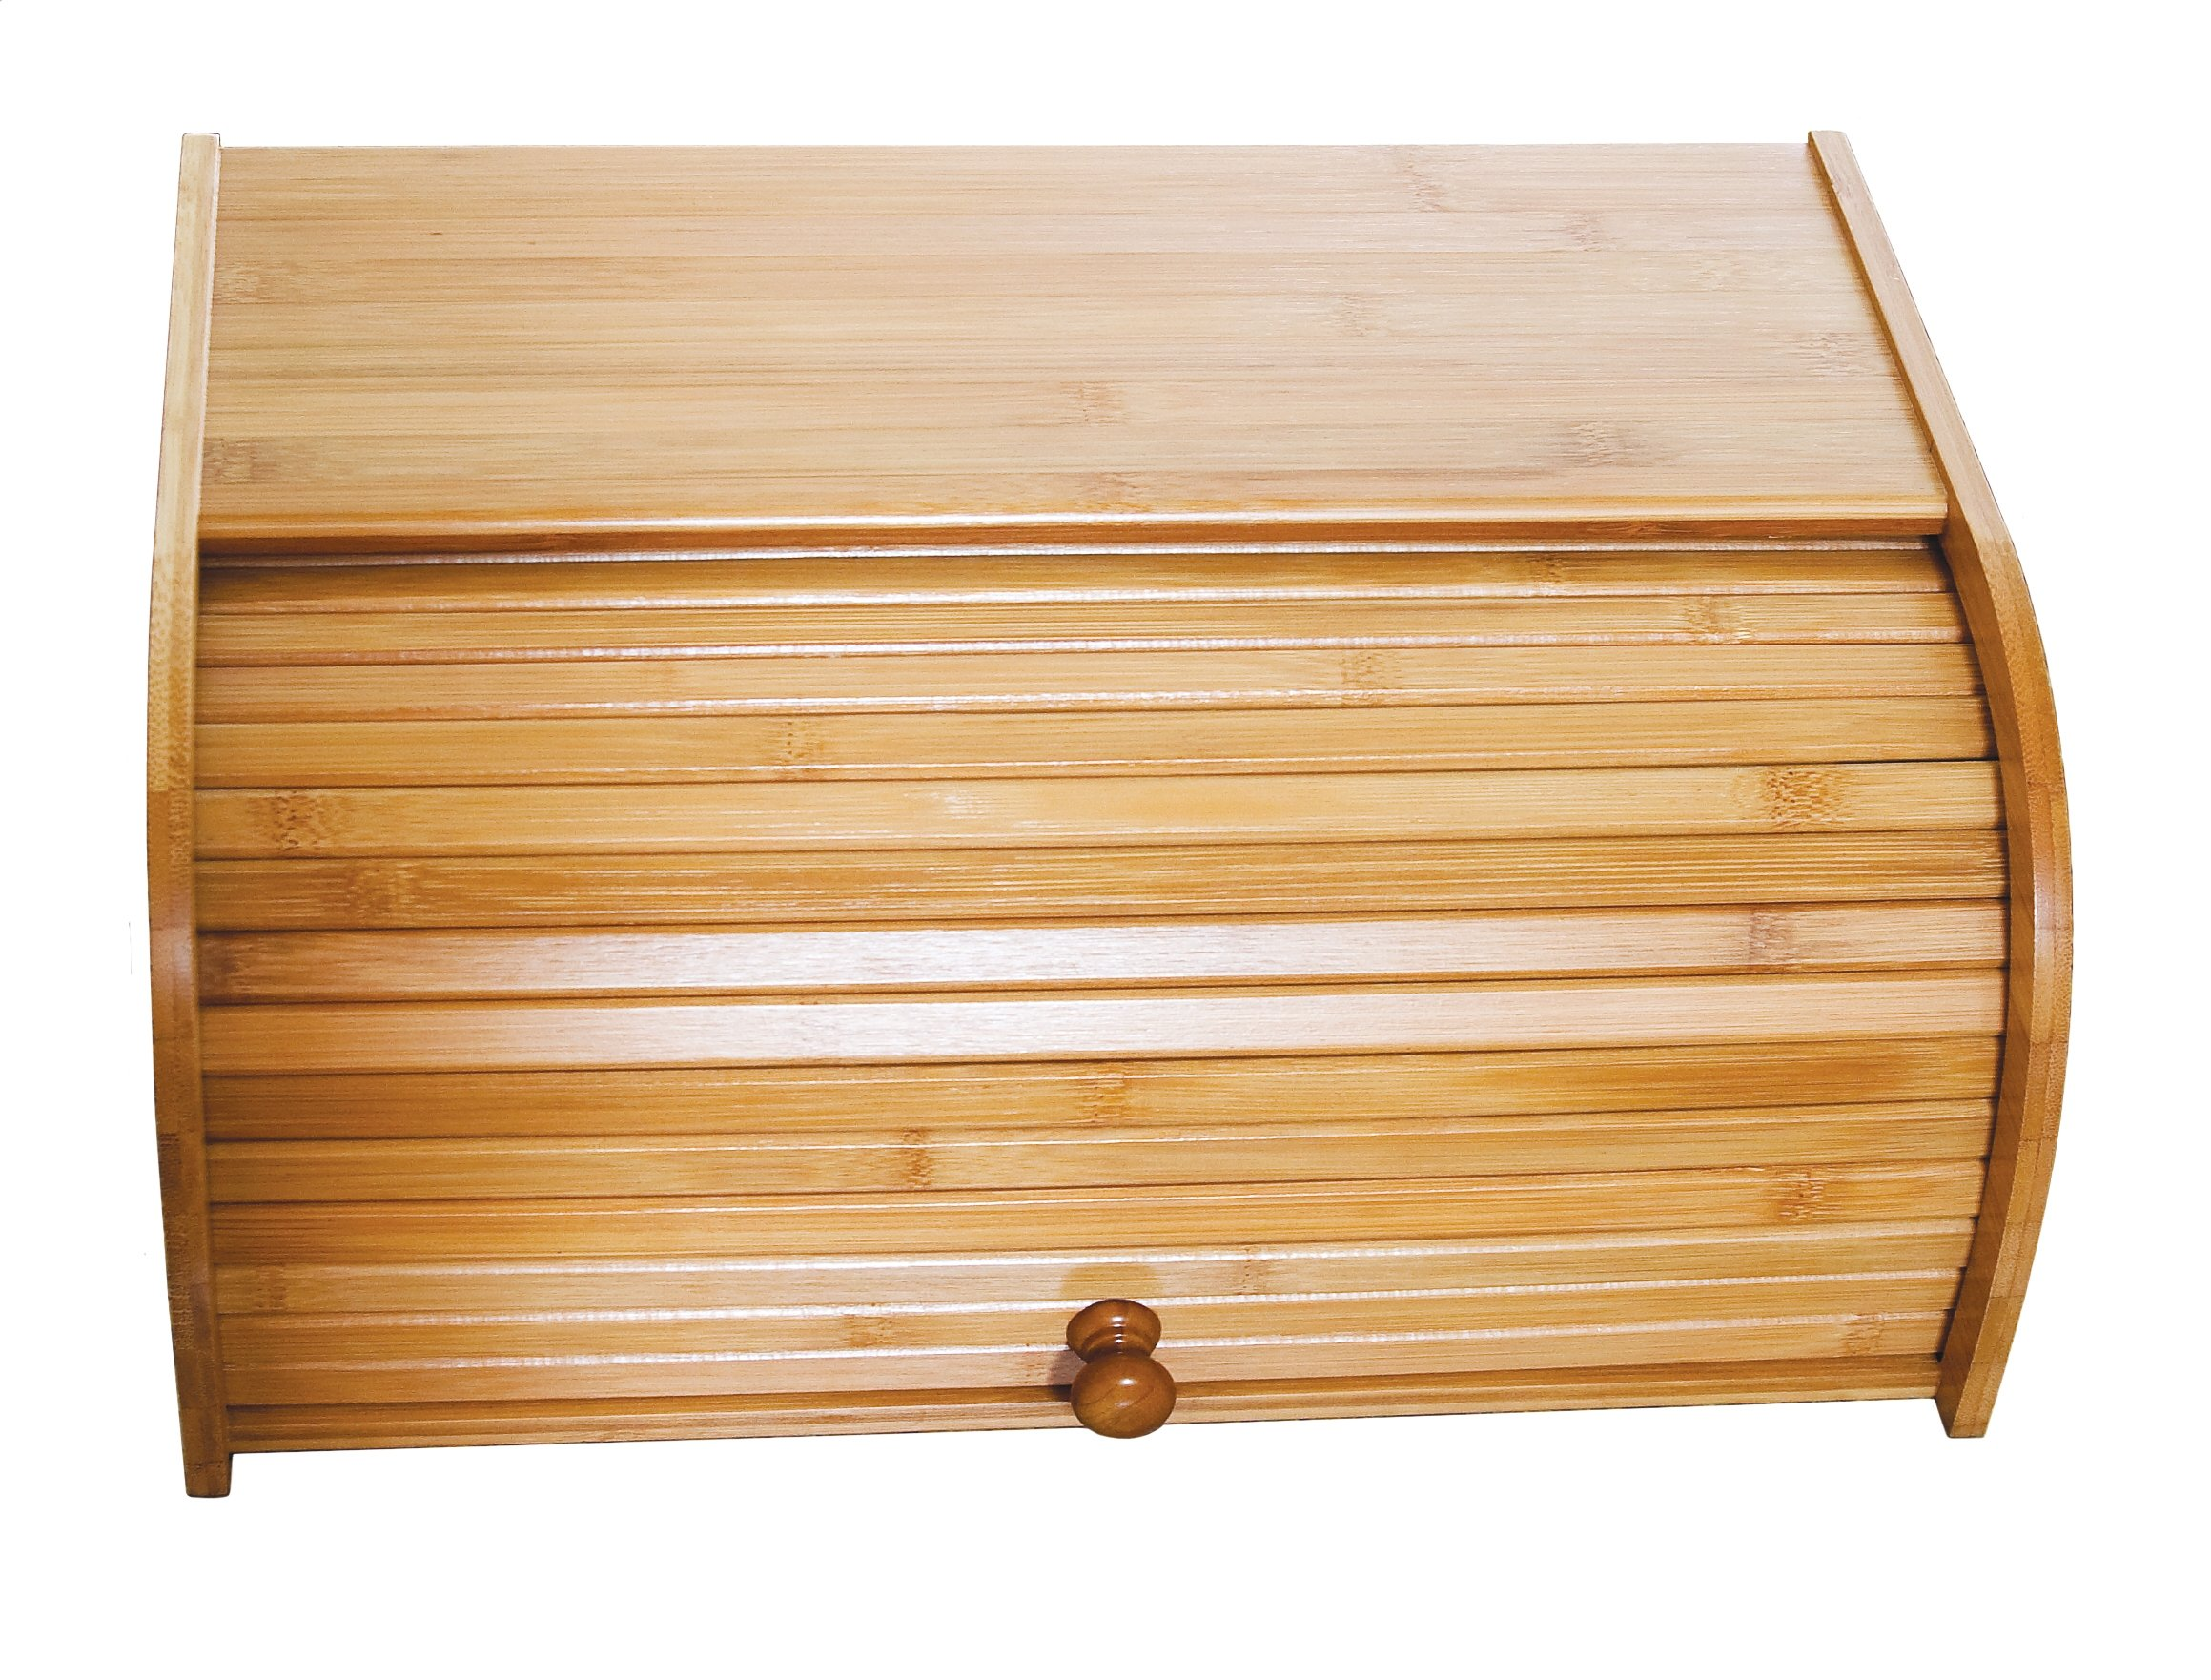 Lipper International 8846 Bamboo Wood Rolltop Bread Box, 15-3/4'' x 10-3/4'' x 6-3/4''